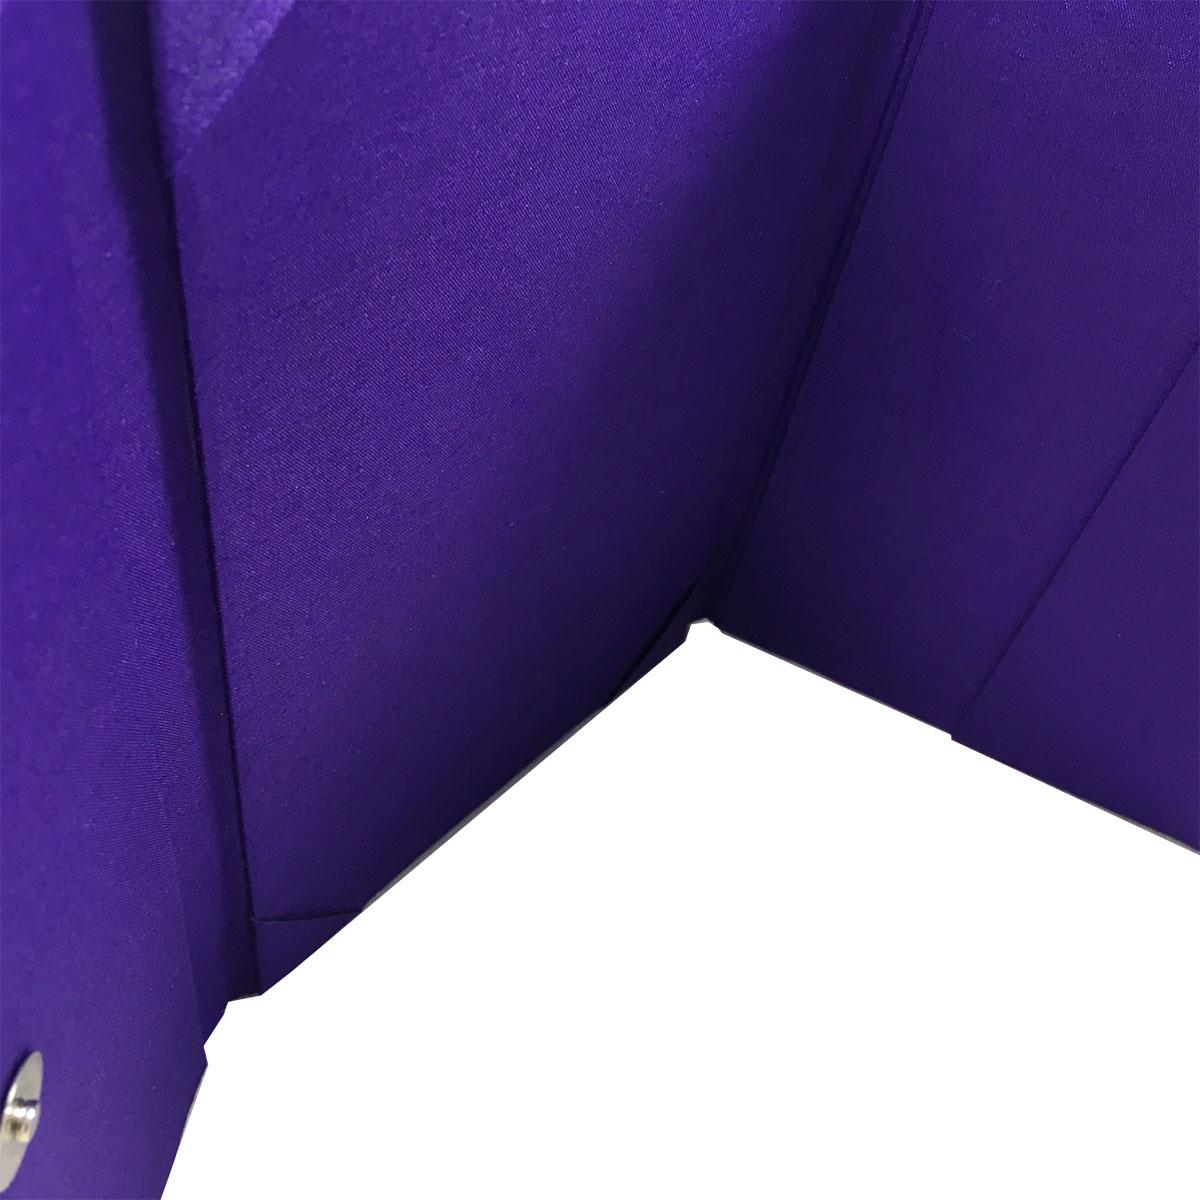 Purple three fold invitation